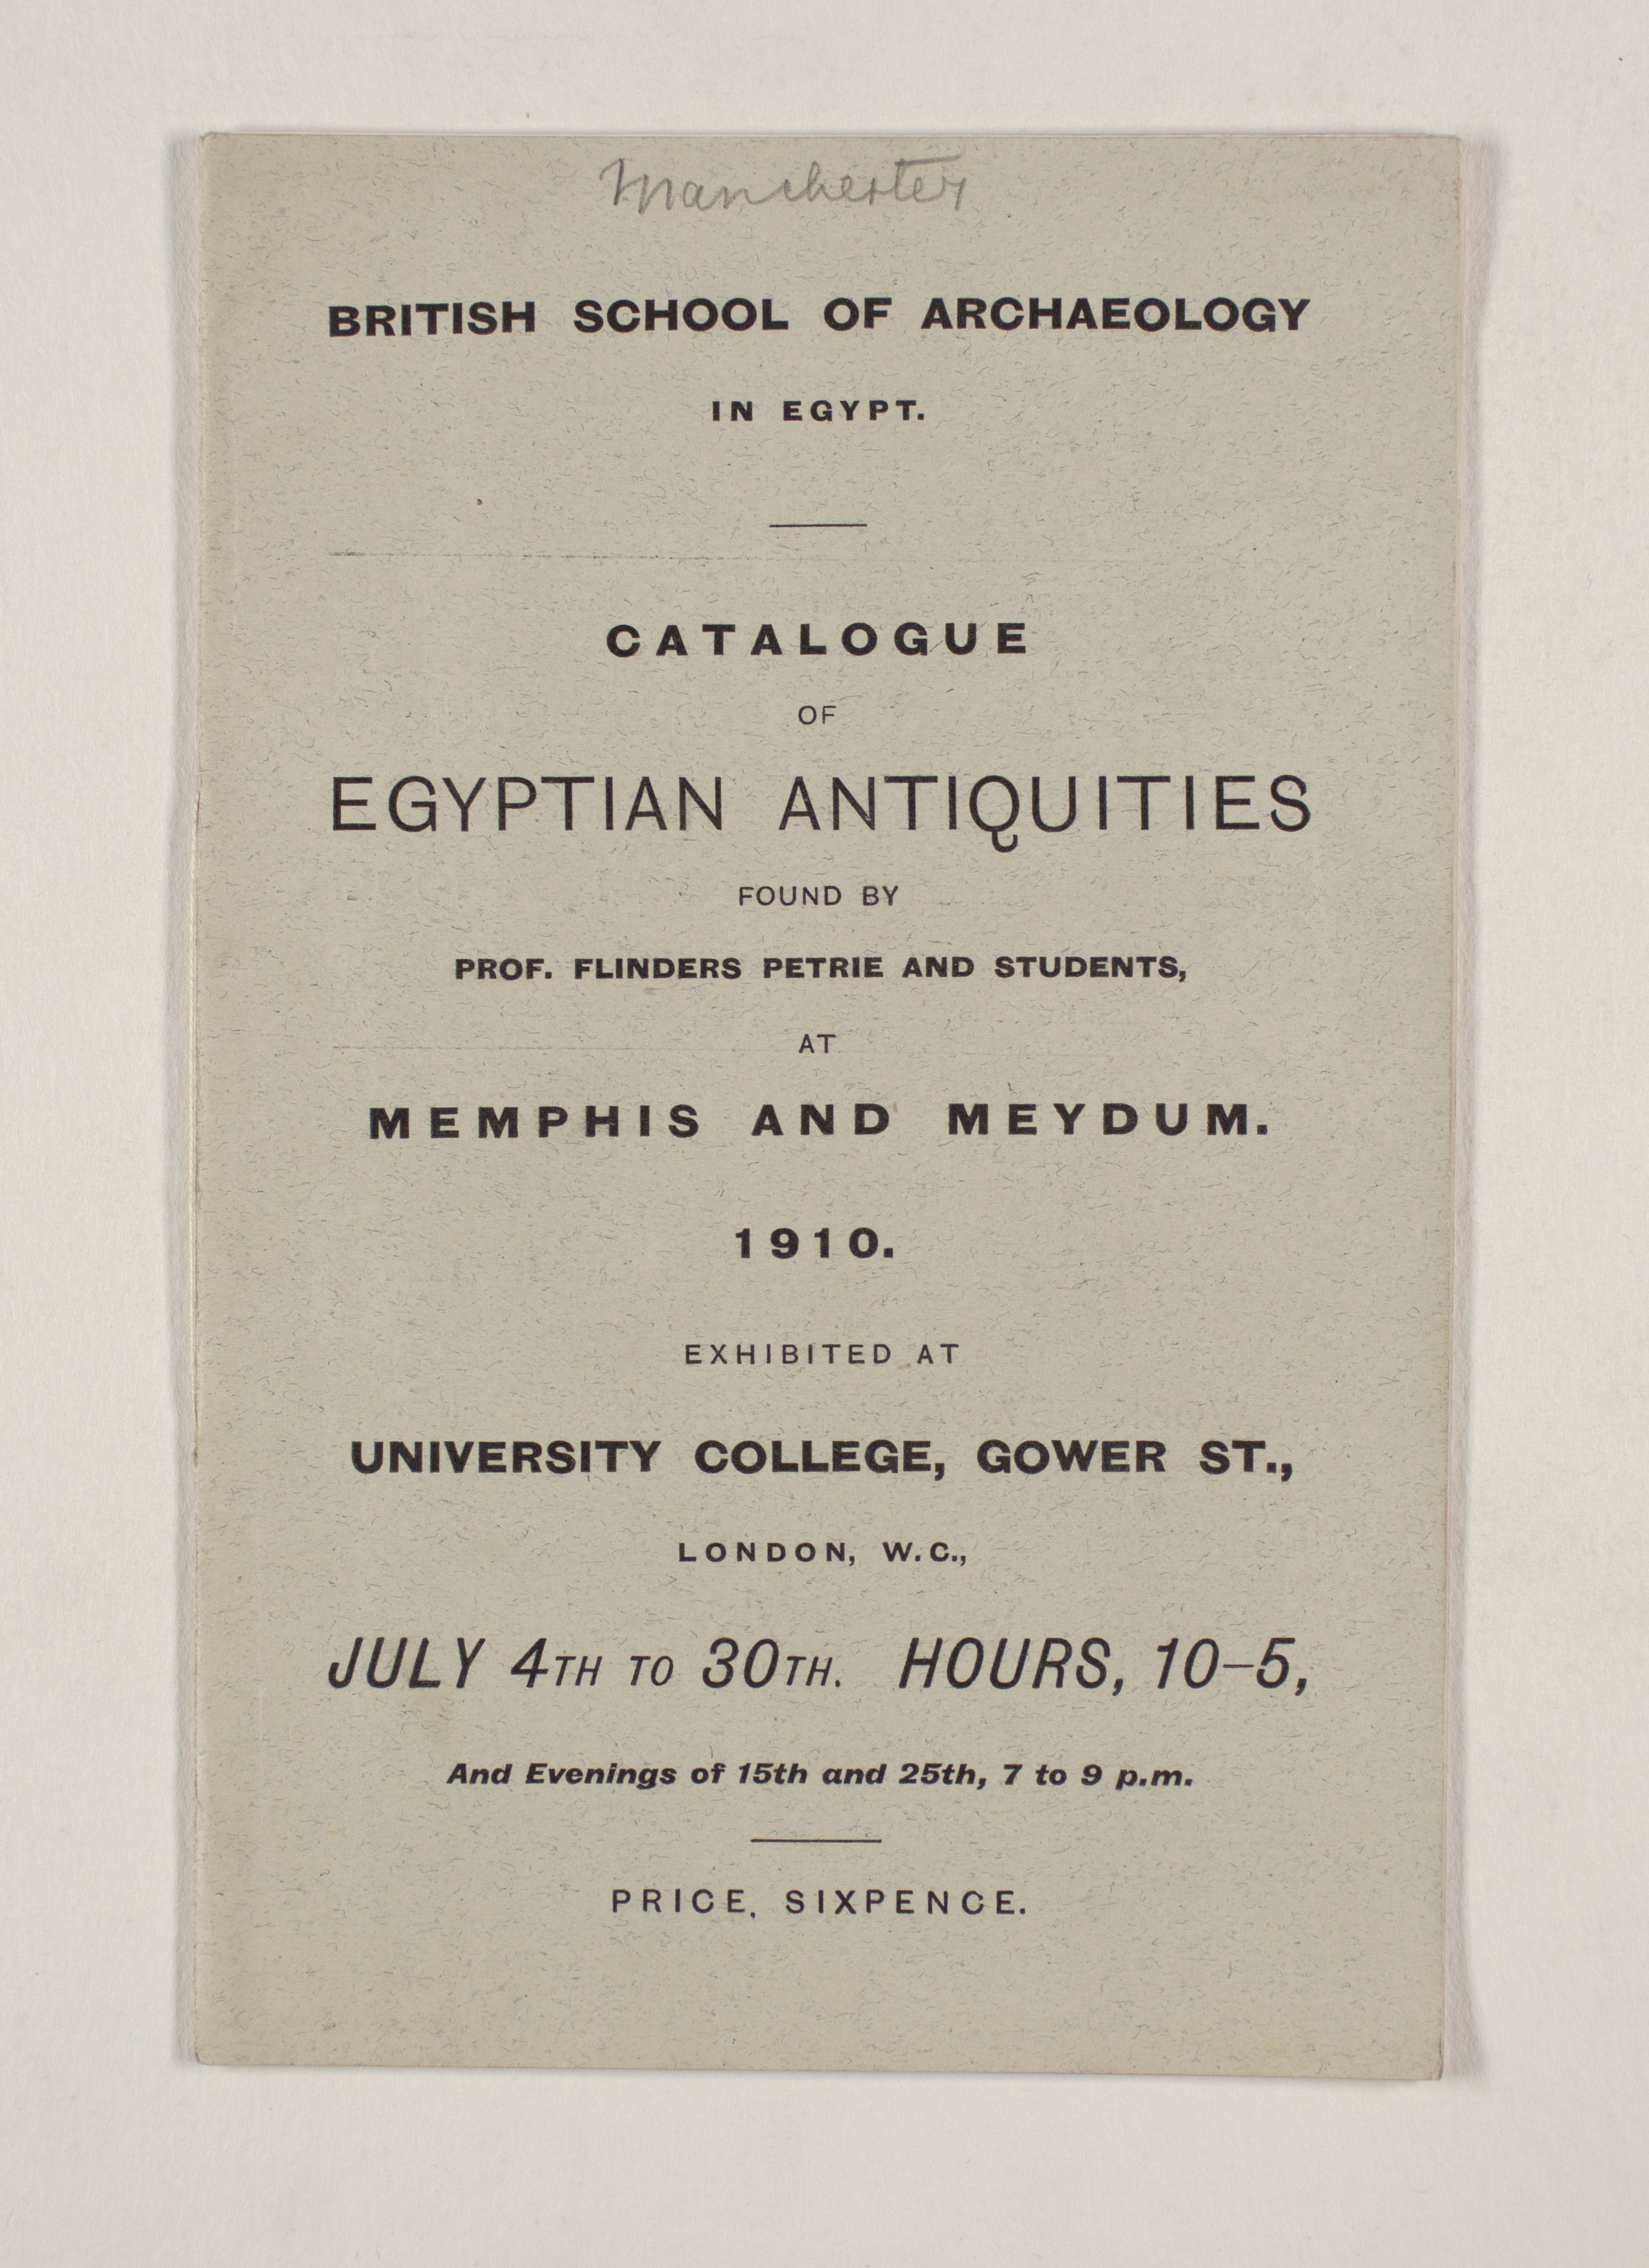 1909-10 Meidum, Memphis Exhibition catalogue PMA/WFP1/D/18/17.1